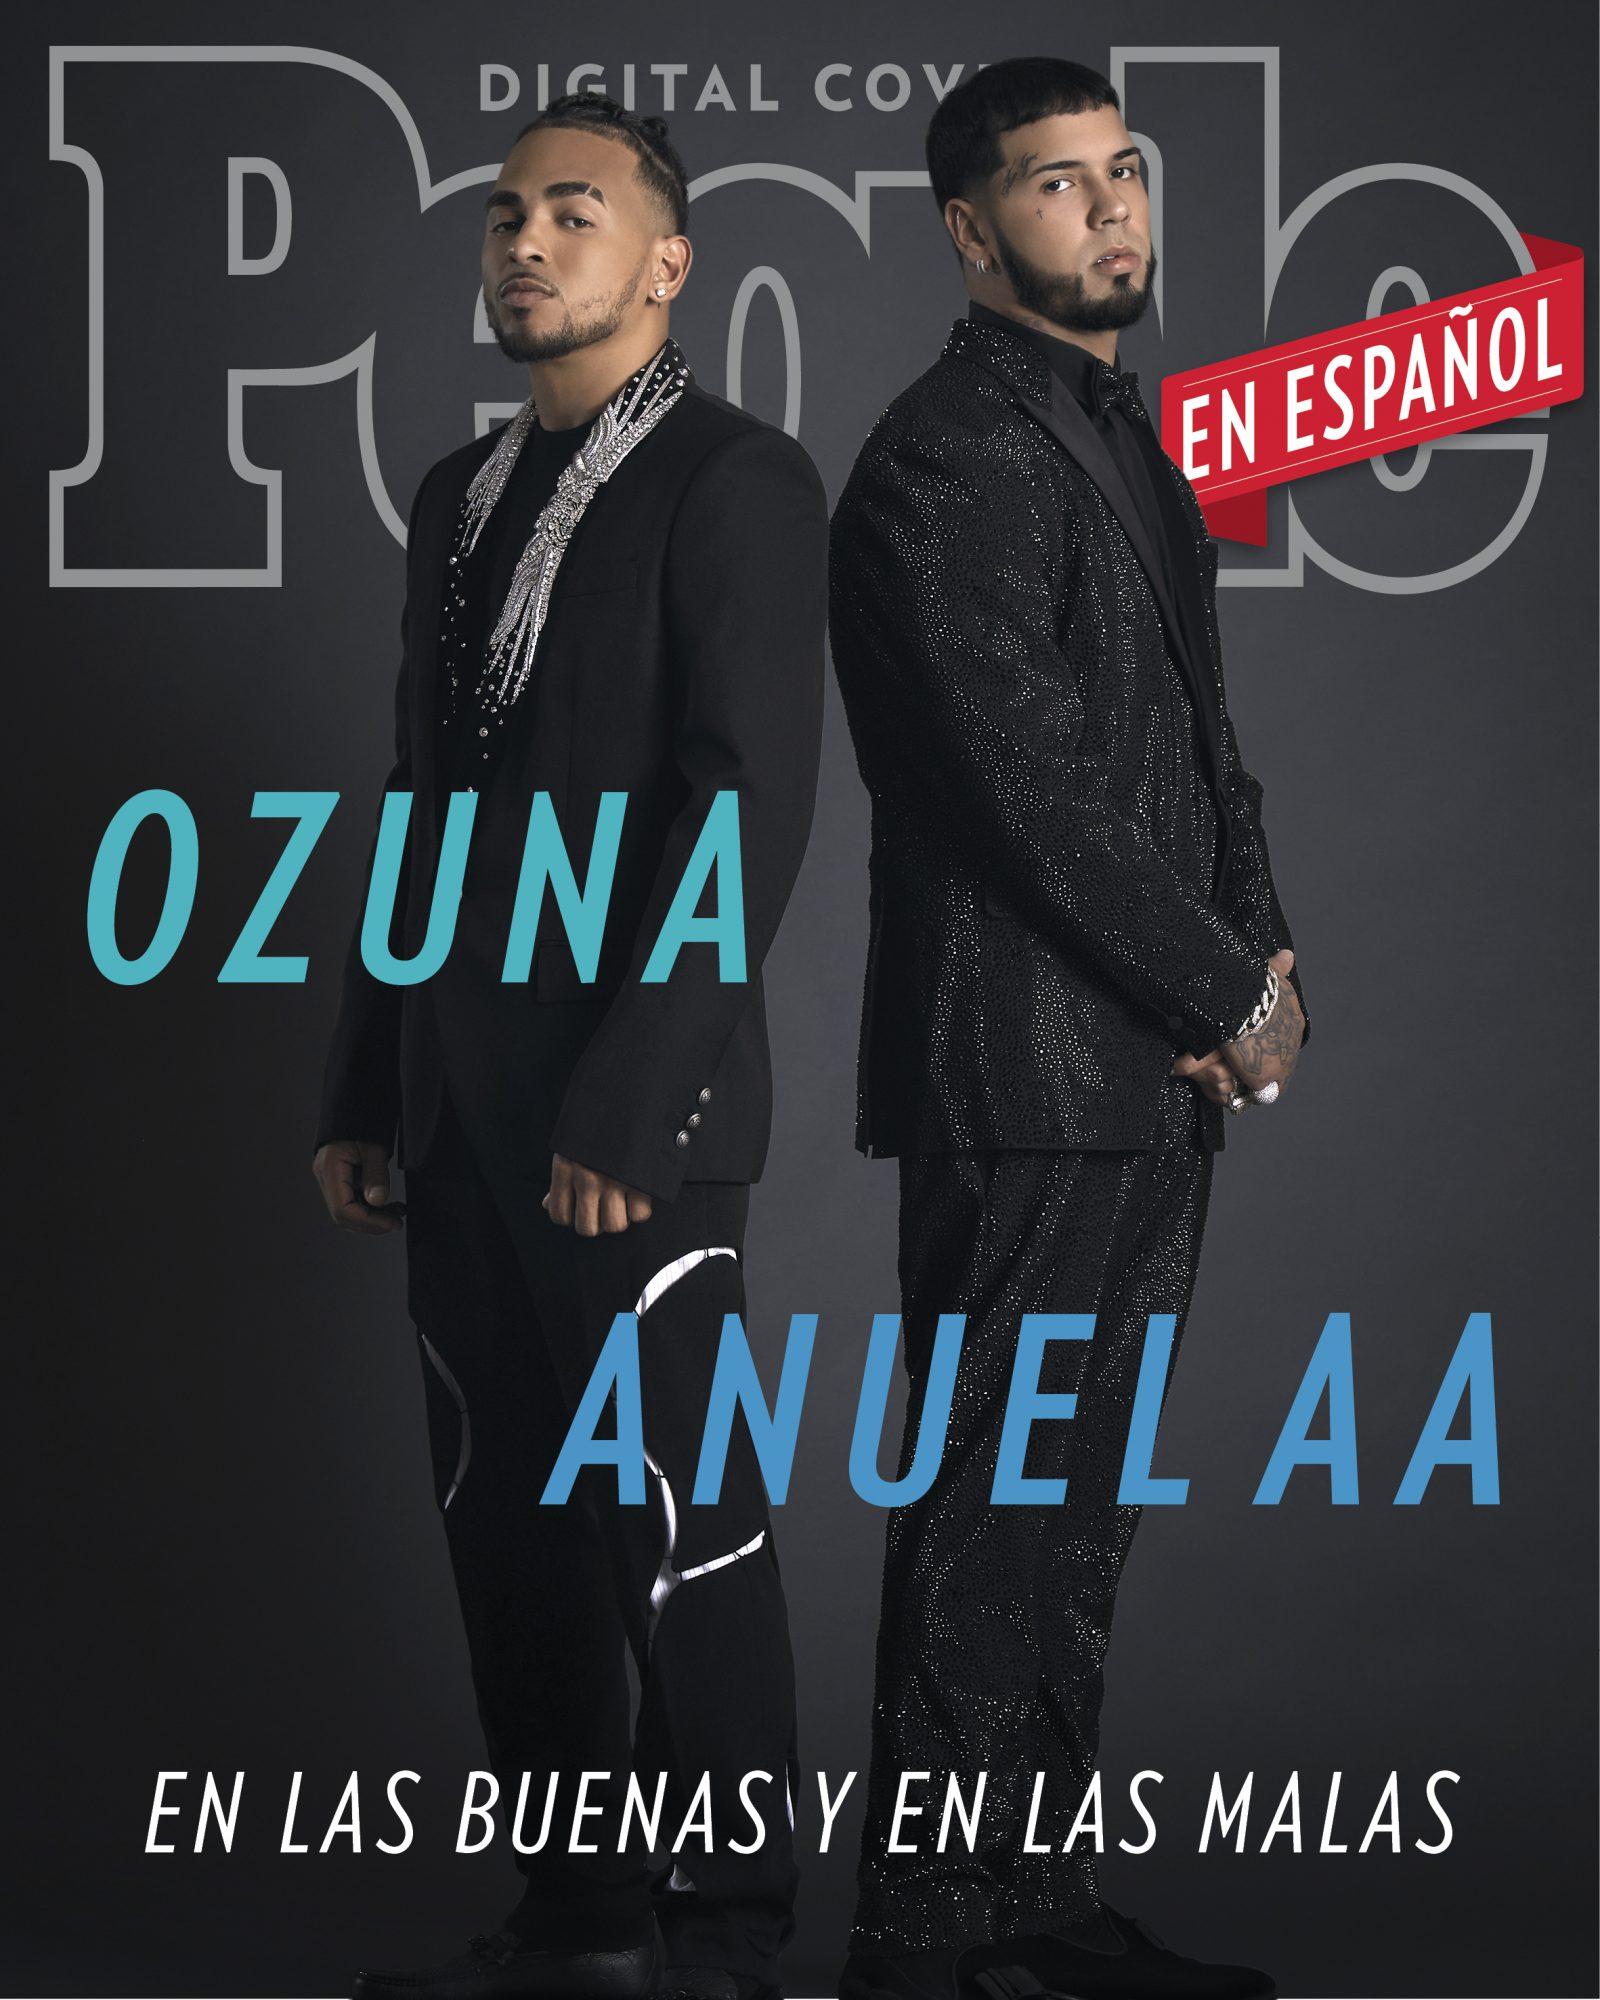 Ozuna y Anuel AA